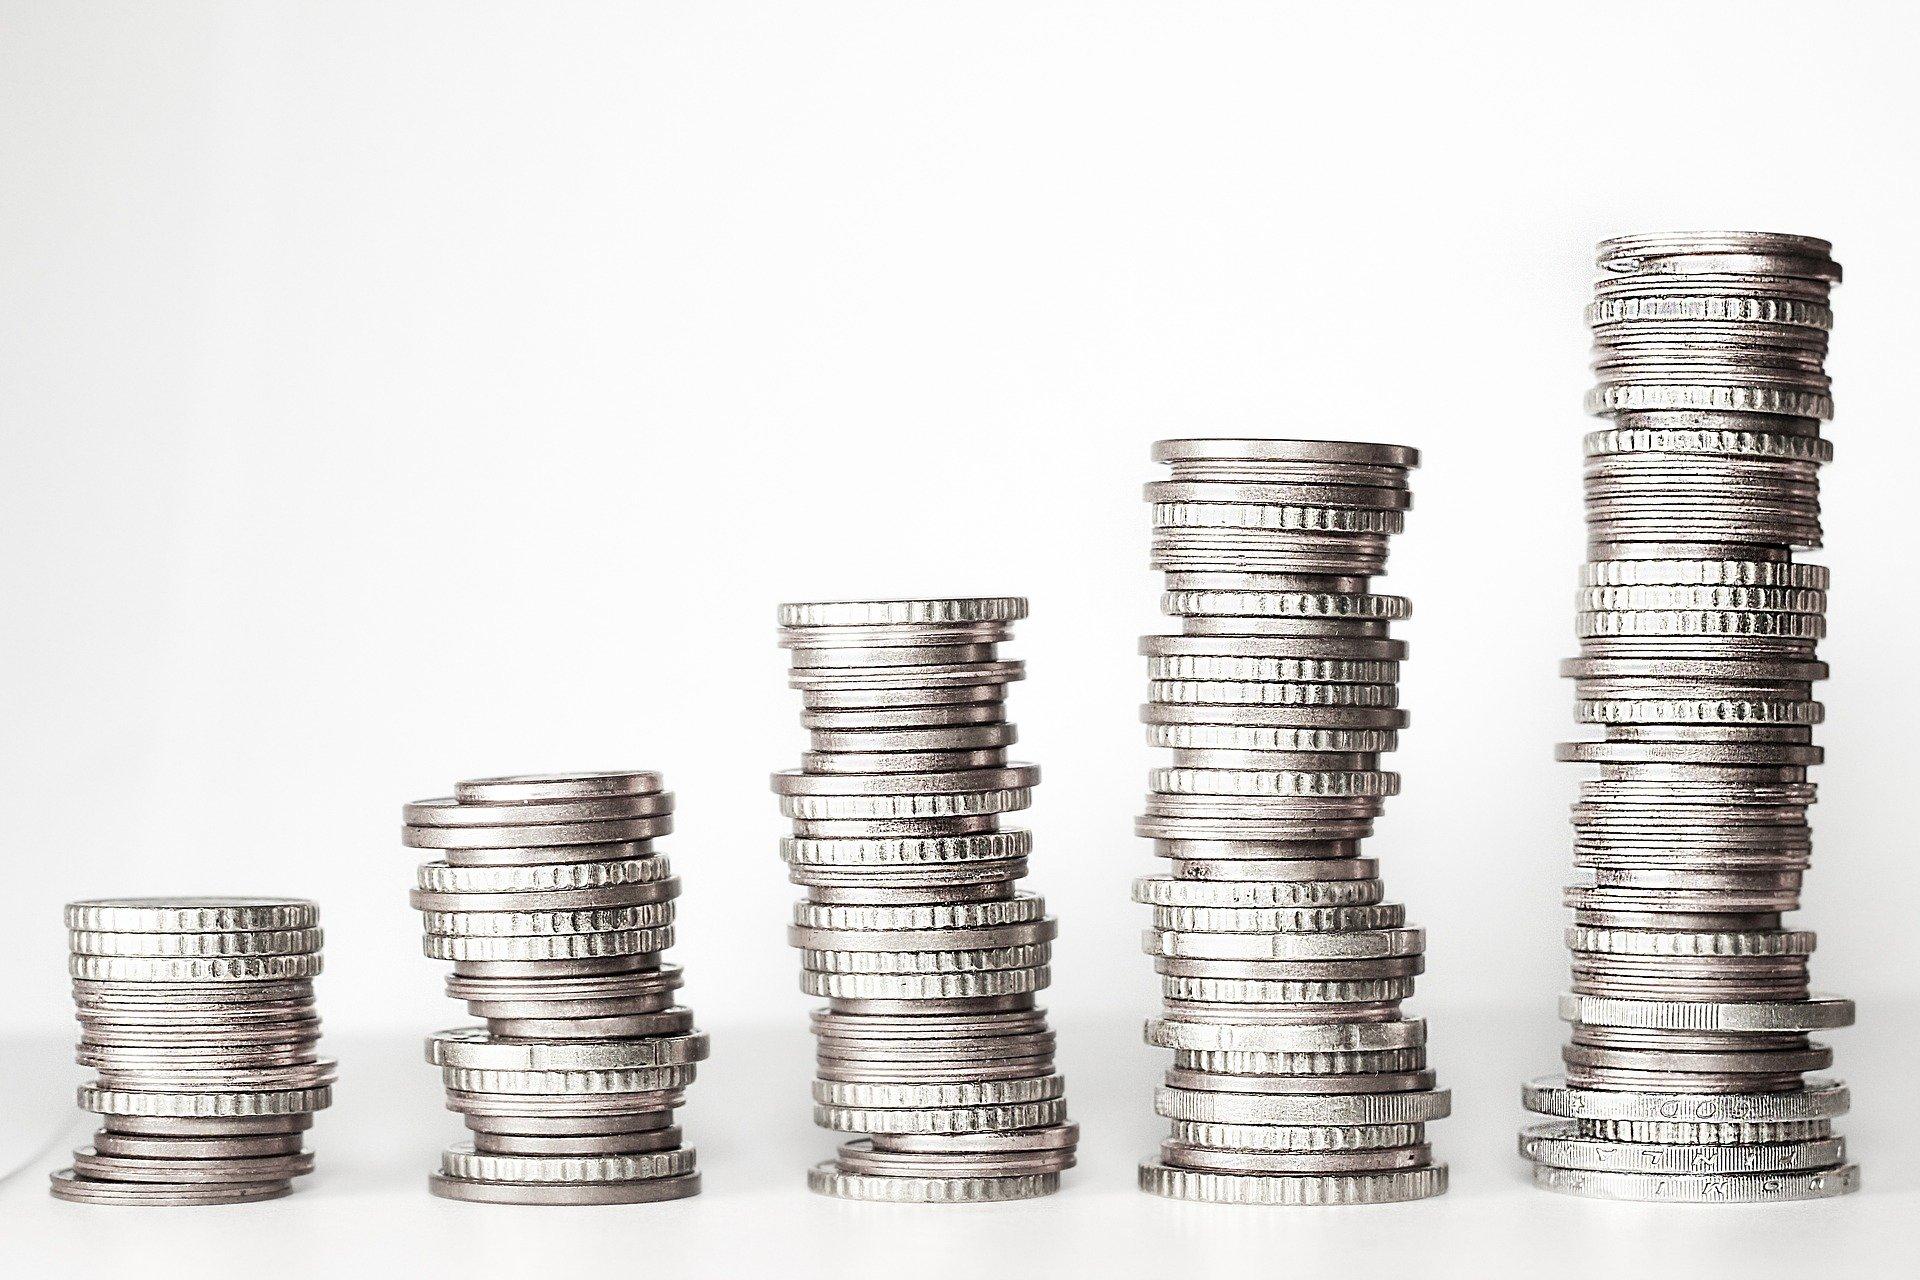 Forex Trading: A História Desconhecida da Prata (XAGUSD)